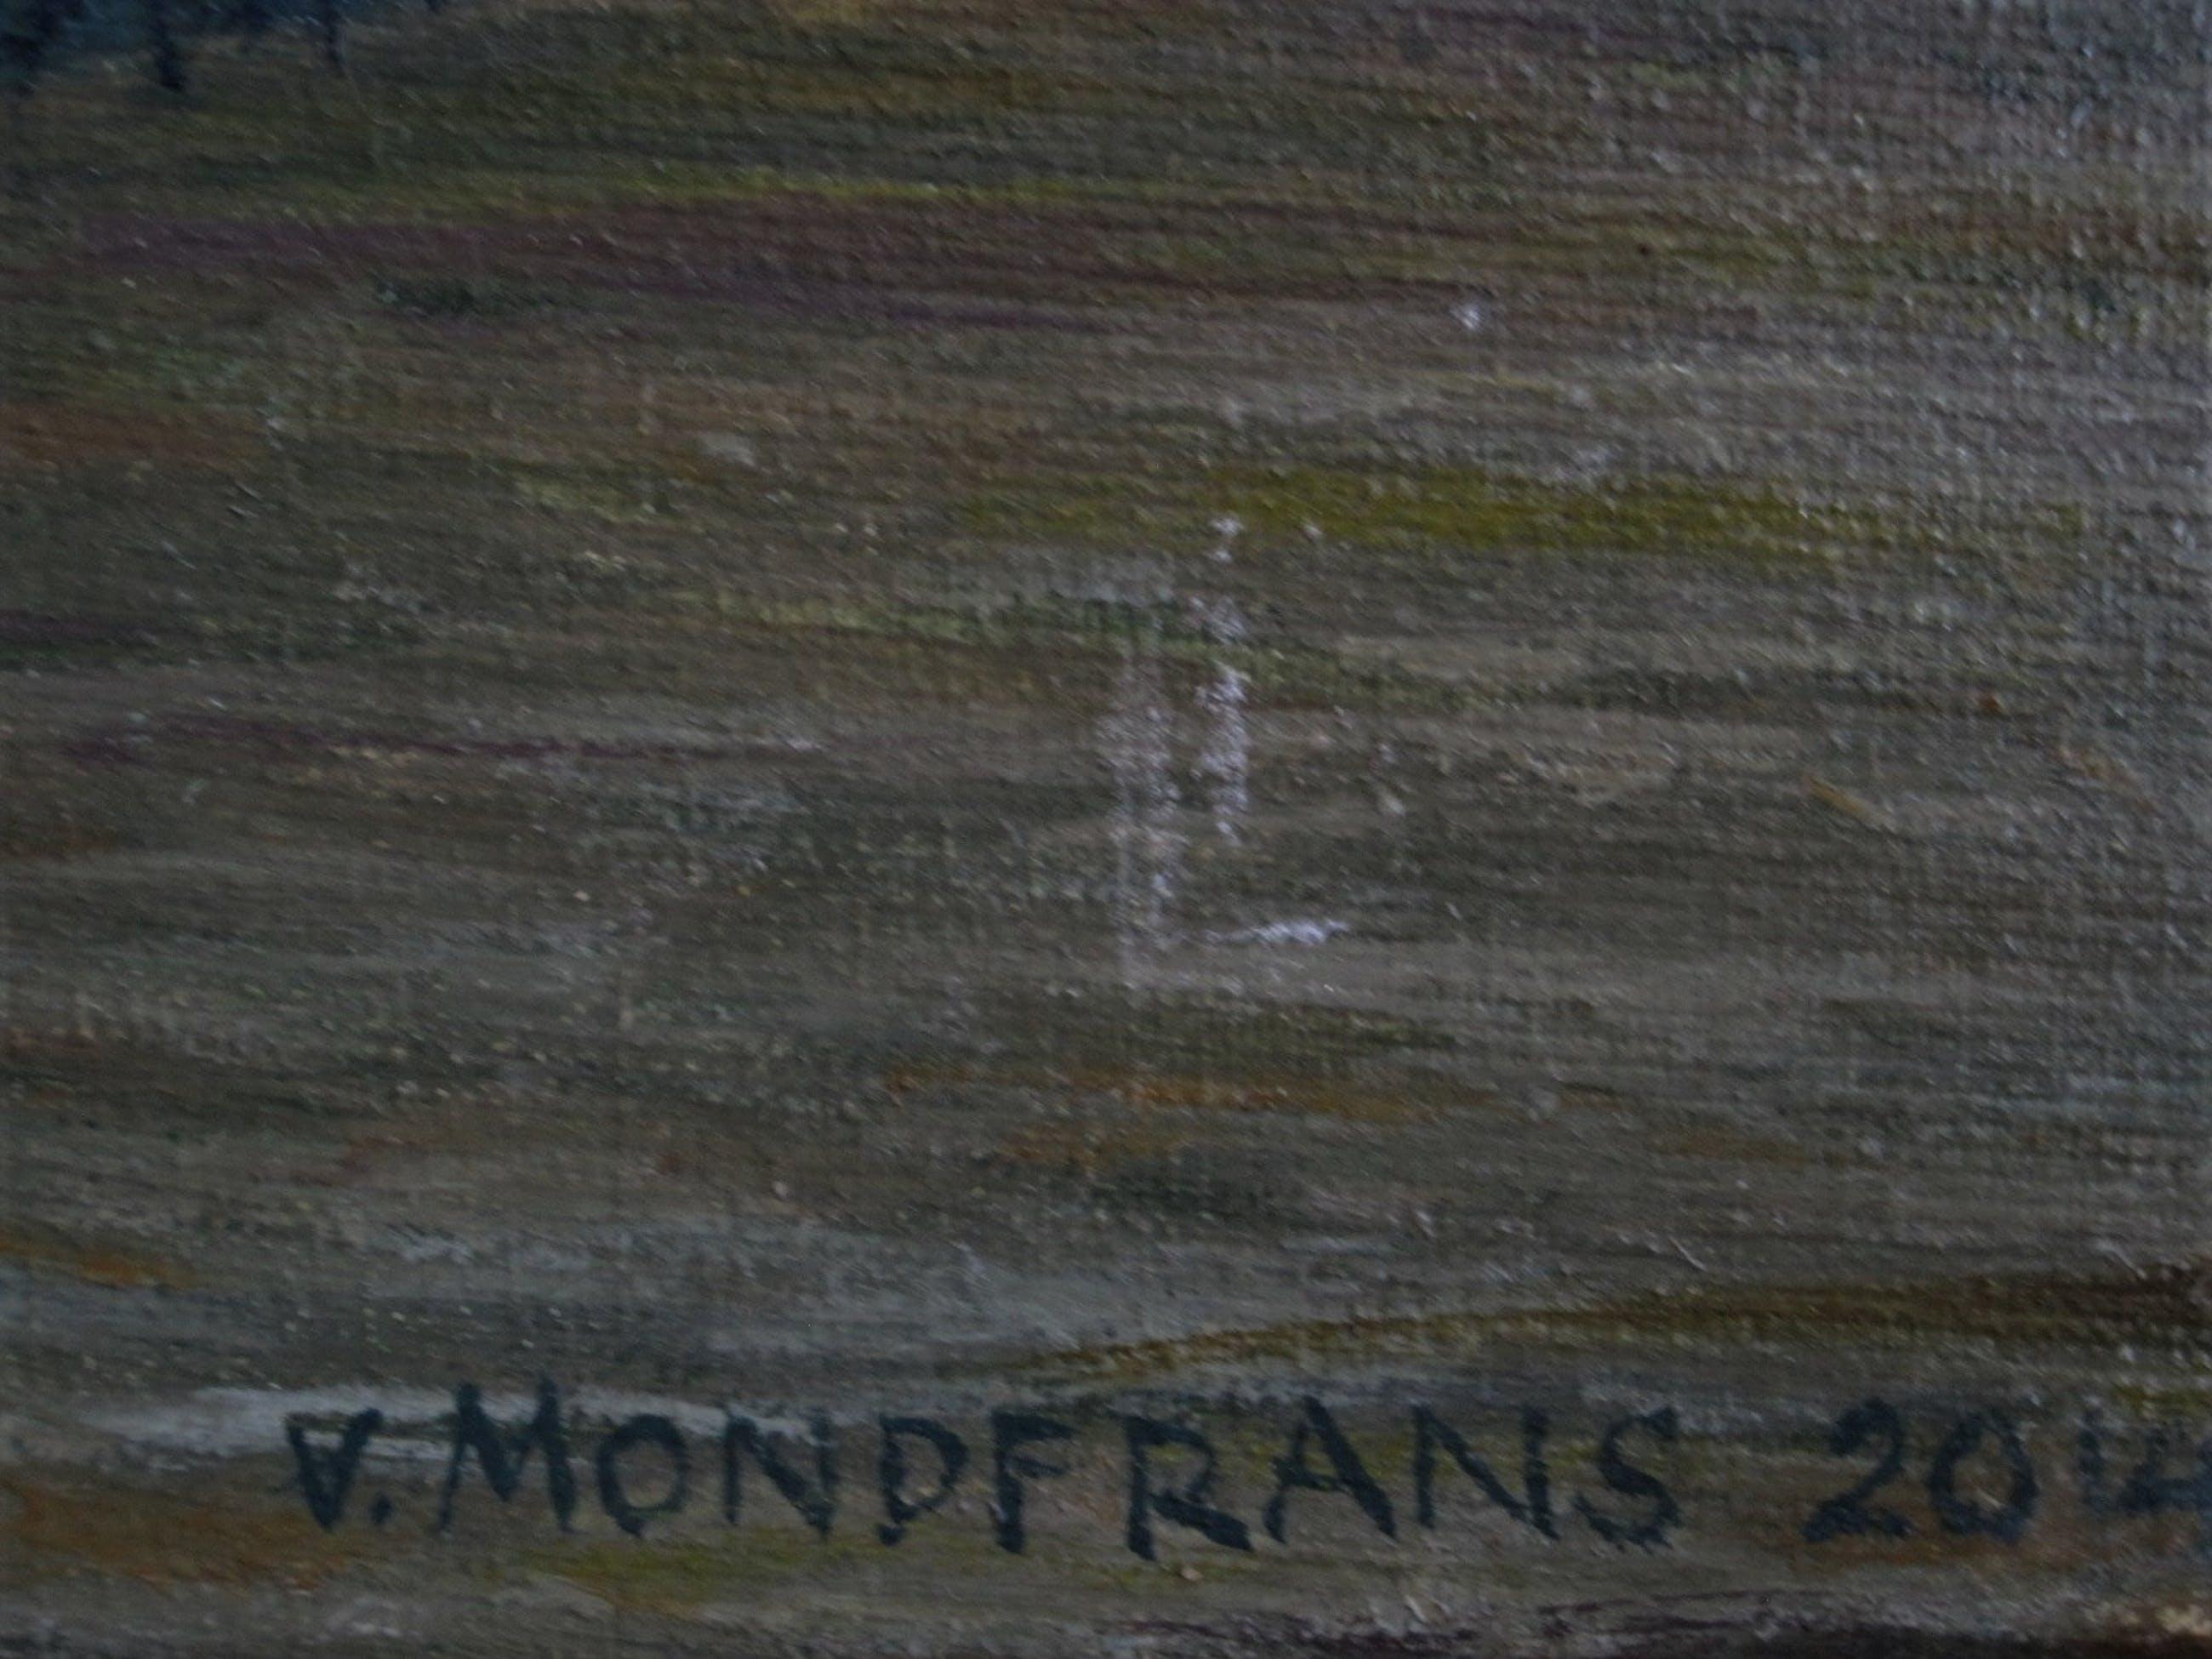 """Erna van Mondfrans - Fraai verstild realistisch olieverf """"Huis in de Provence Frankrijk"""" gesigneerd kopen? Bied vanaf 80!"""